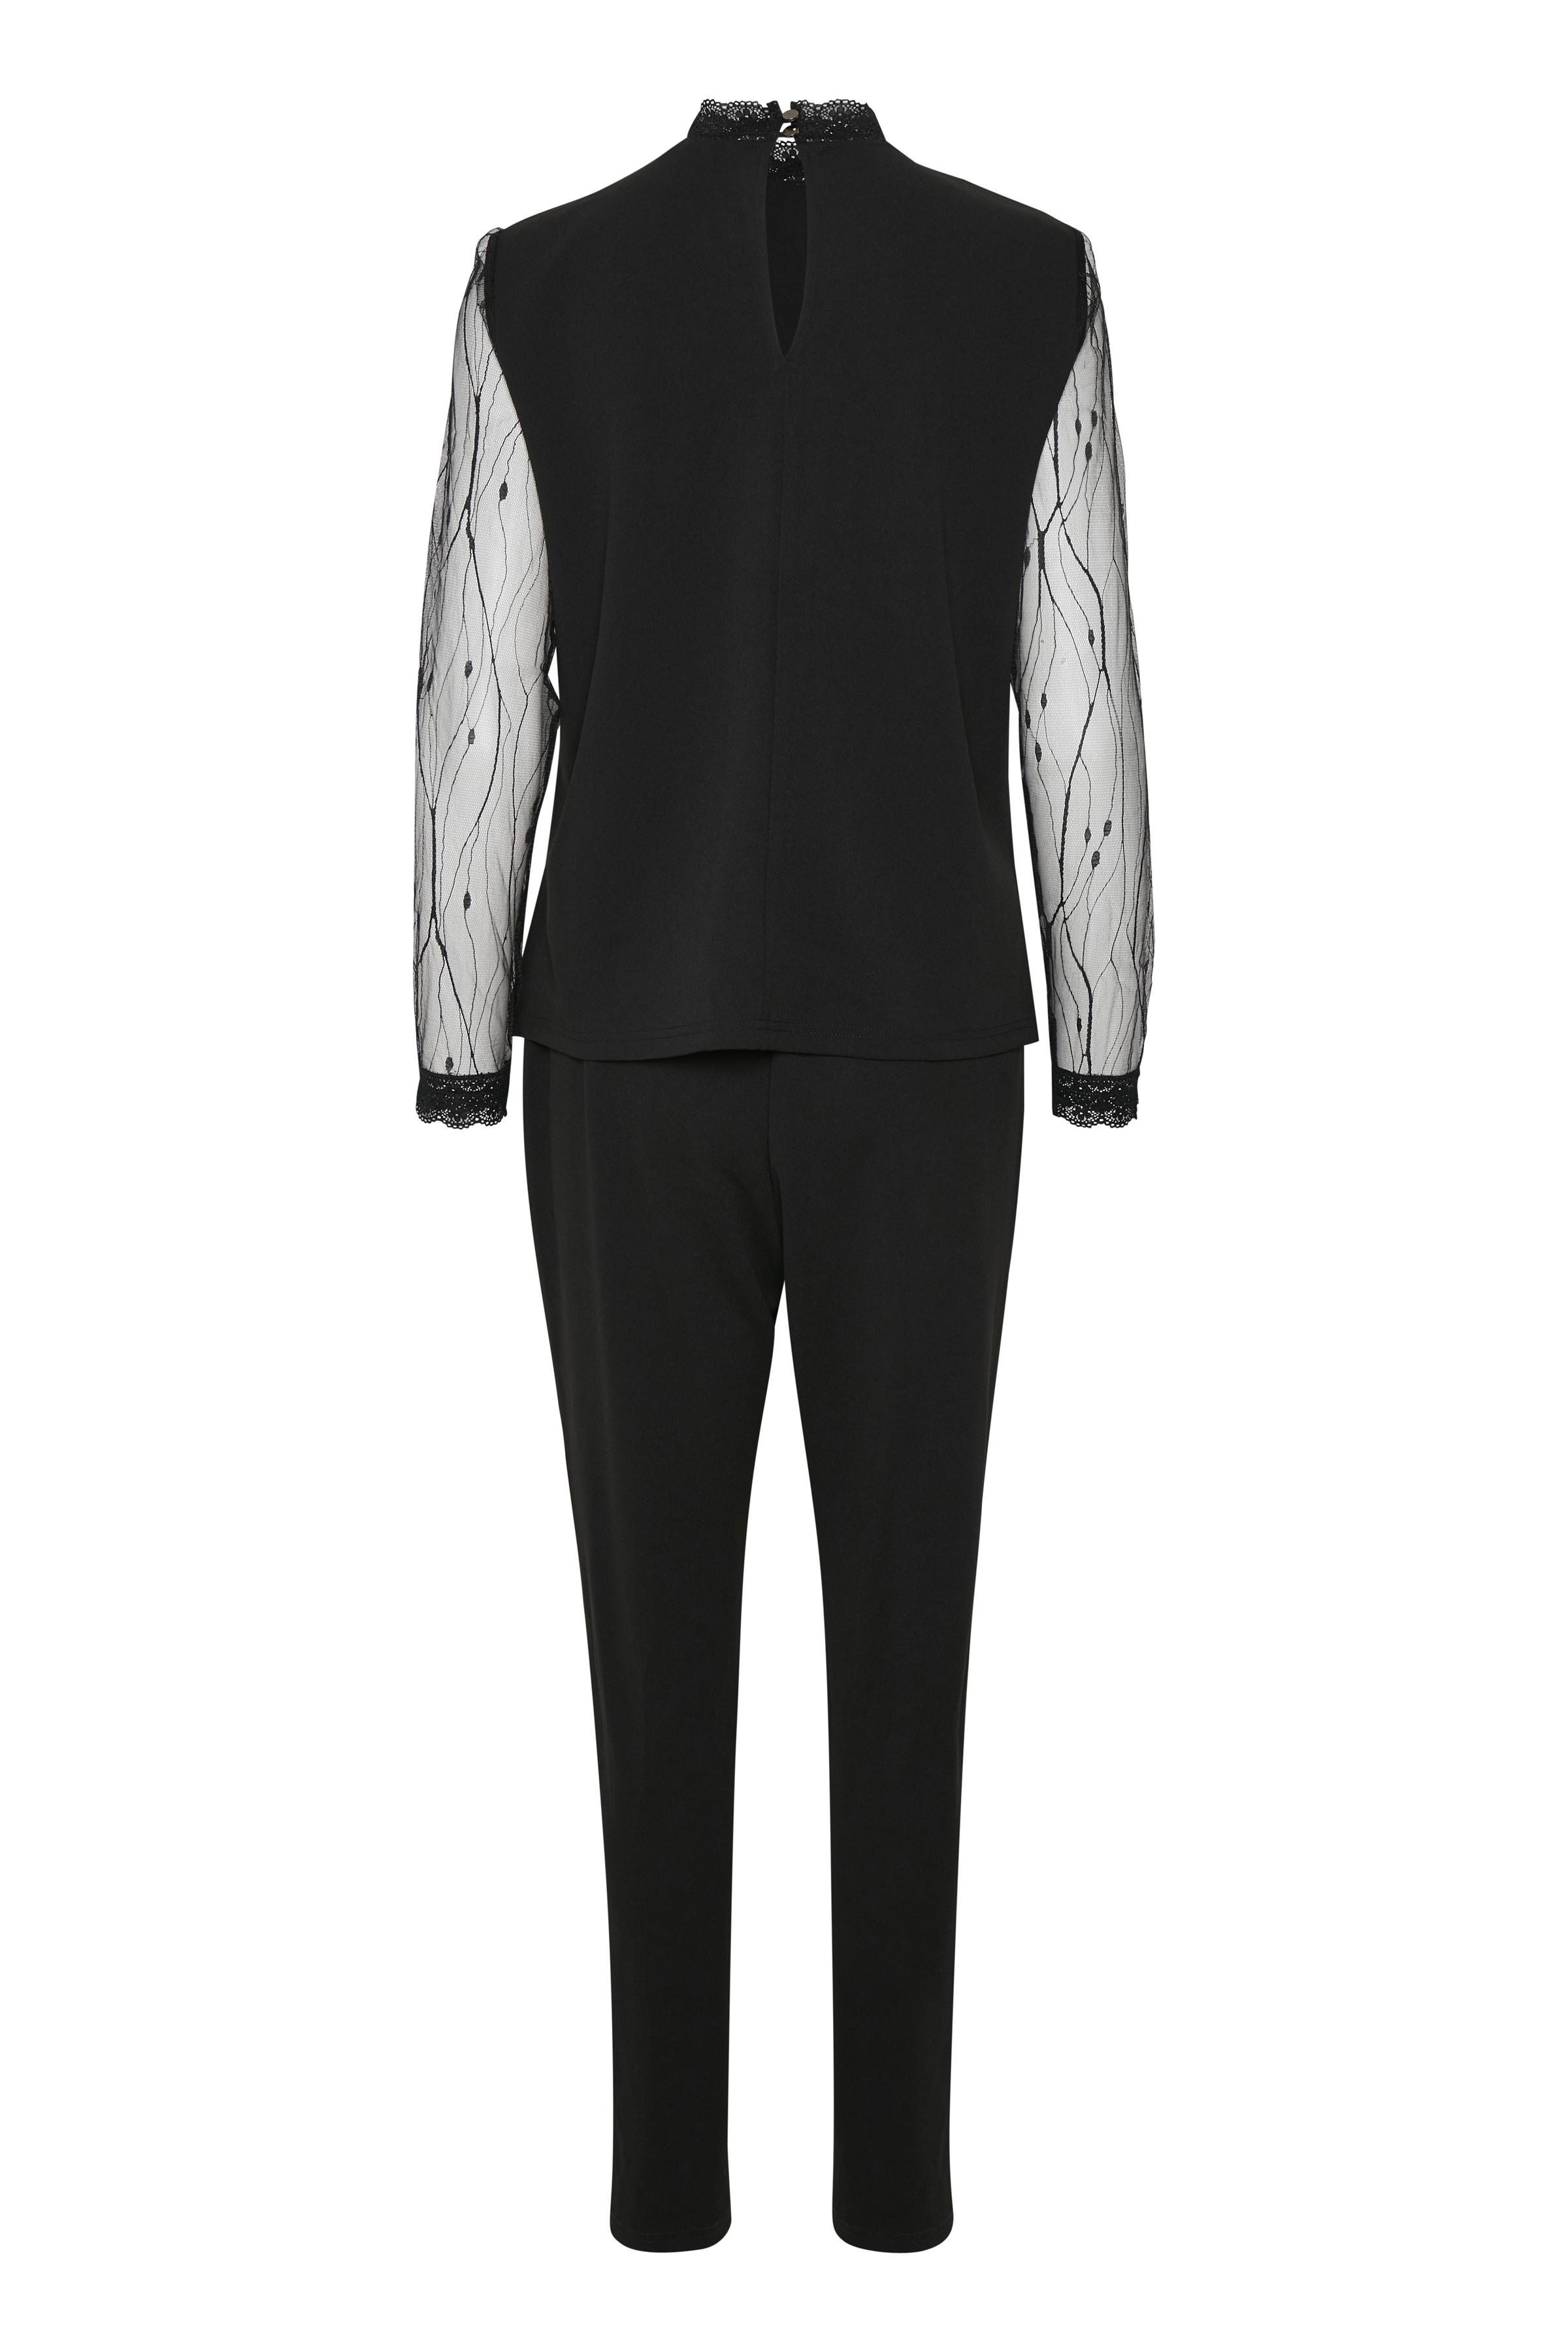 Schwarz Jumpsuits von Kaffe – Shoppen SieSchwarz Jumpsuits ab Gr. XS-XXL hier